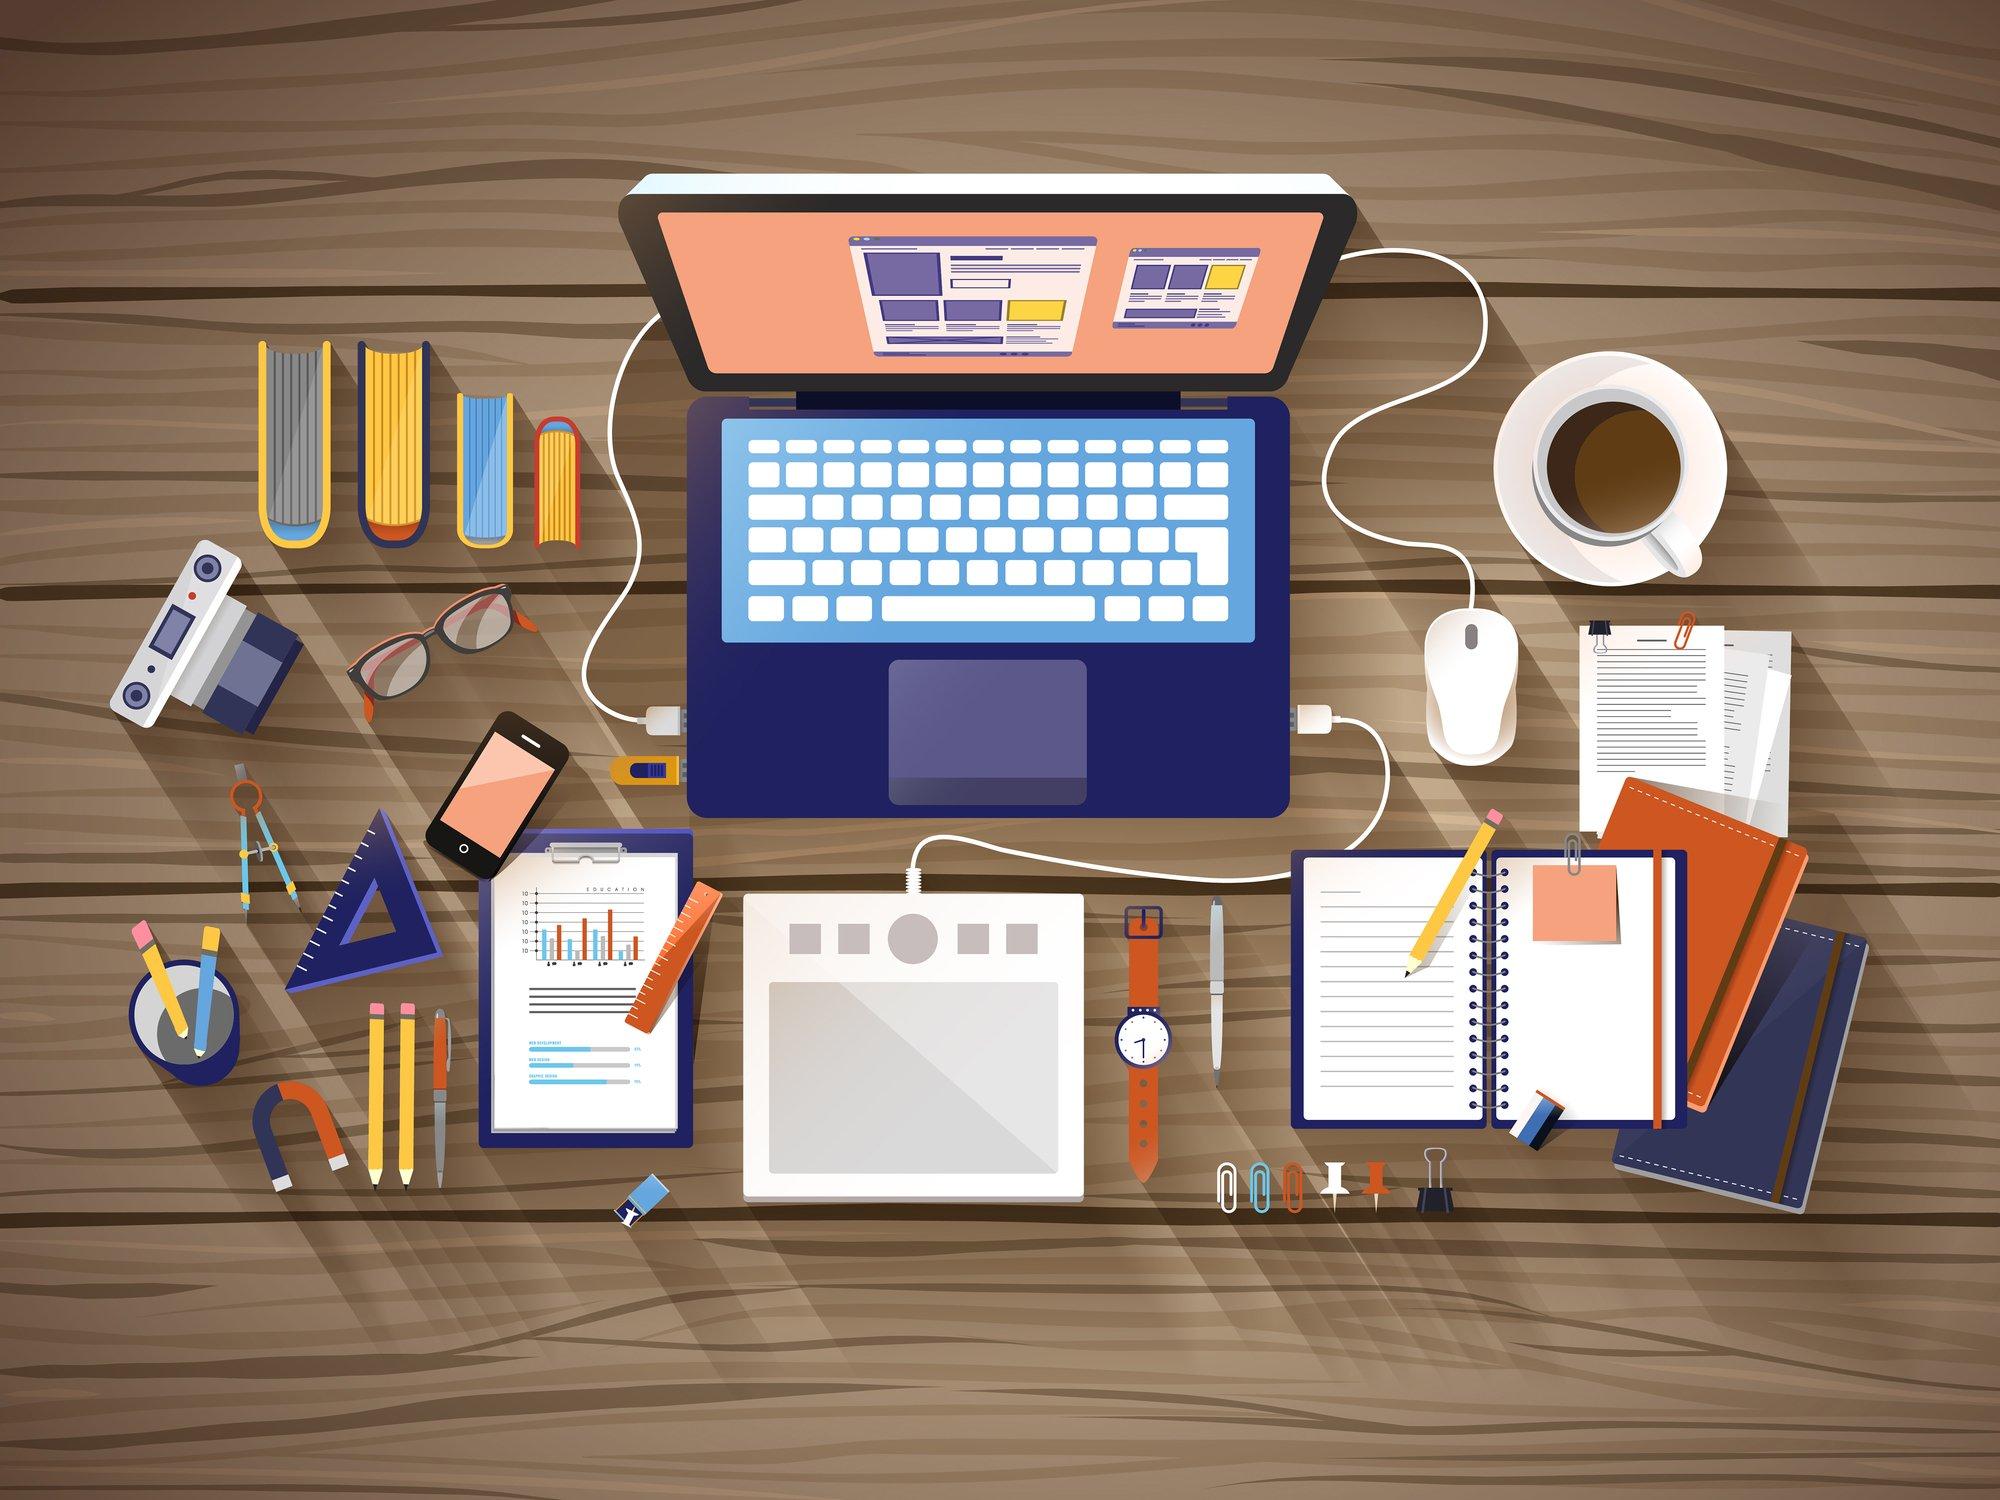 7 dicas de como criar infoprodutos - 7 dicas de como criar infoprodutos de maneira rápida.